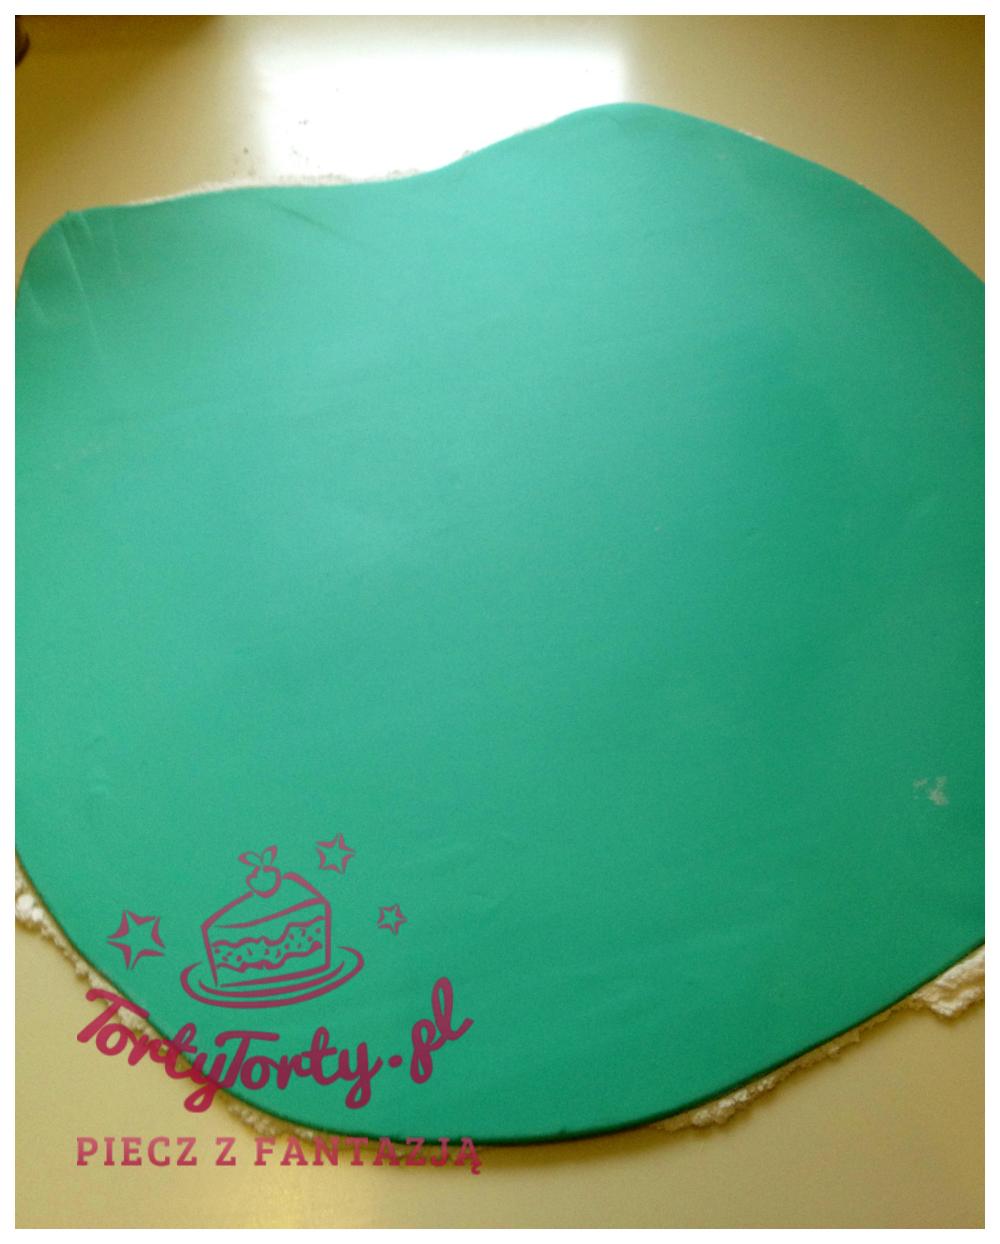 rozwałkowany lukier JAK OBŁOŻYĆ TORT MASĄ CUKROWĄ?